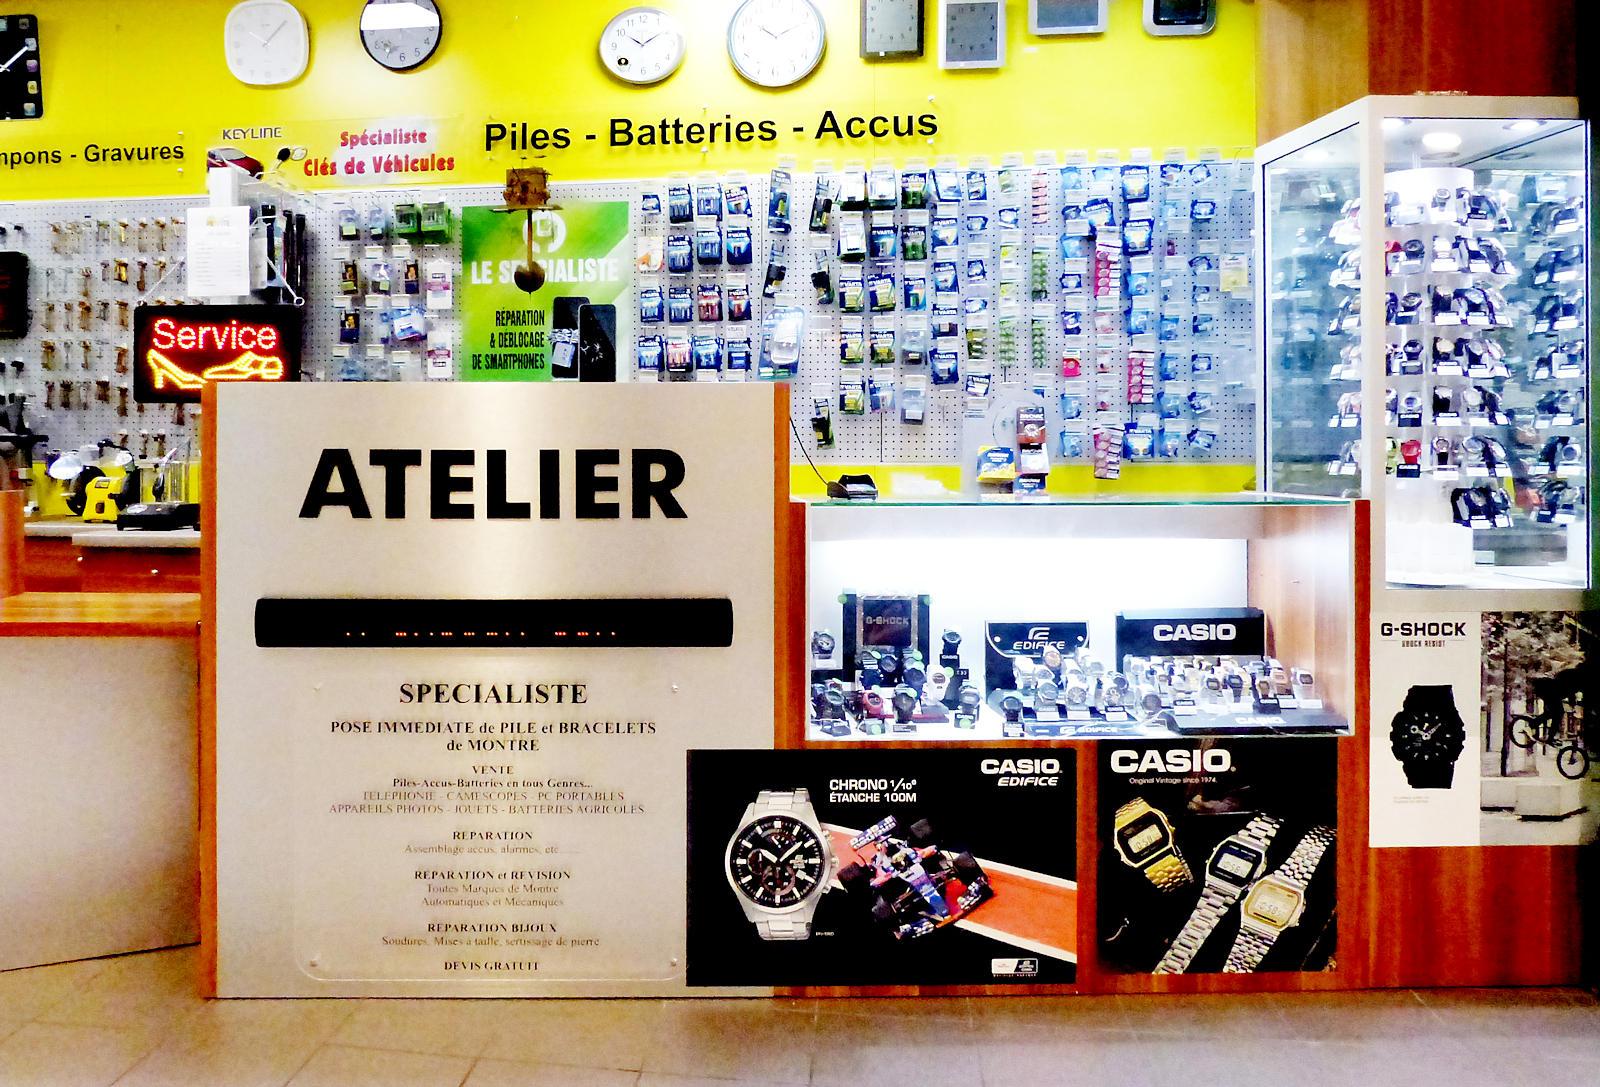 Pil'Vite, Tourcoing - Atelier réparation montres et bijoux.